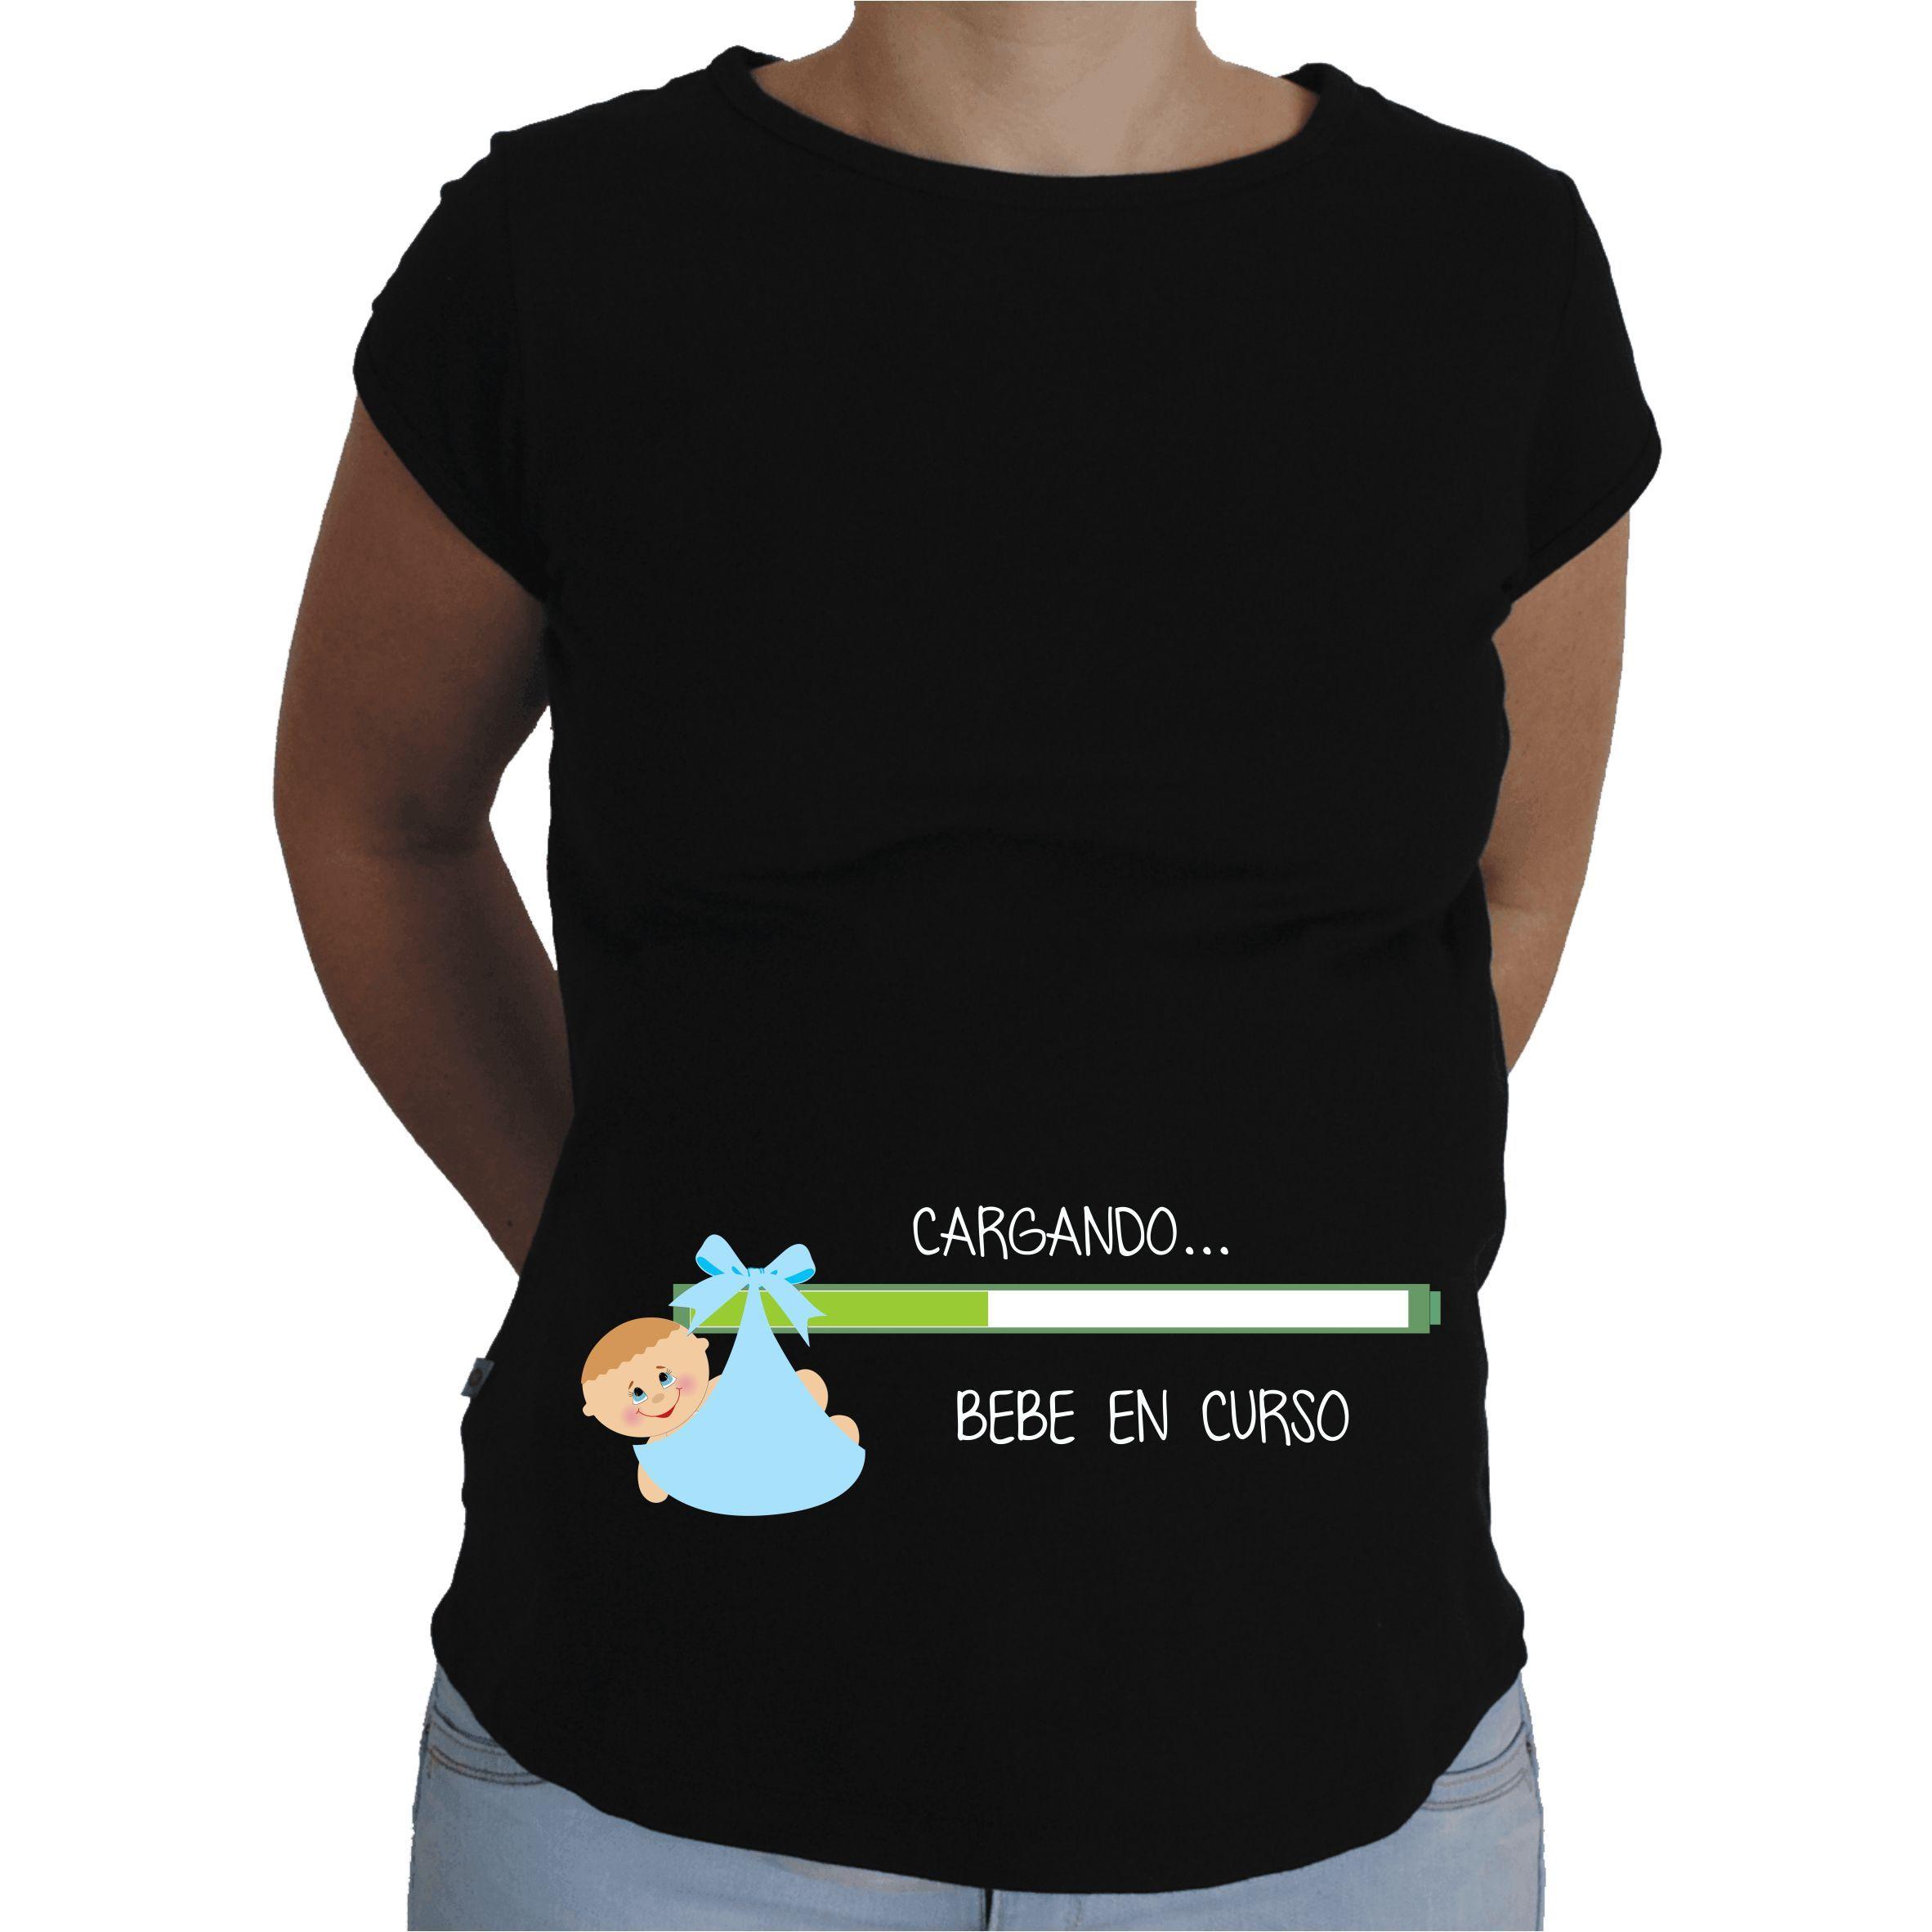 1fe4dadac Camiseta para embarazada Divertida - Bebe cargando chico ...